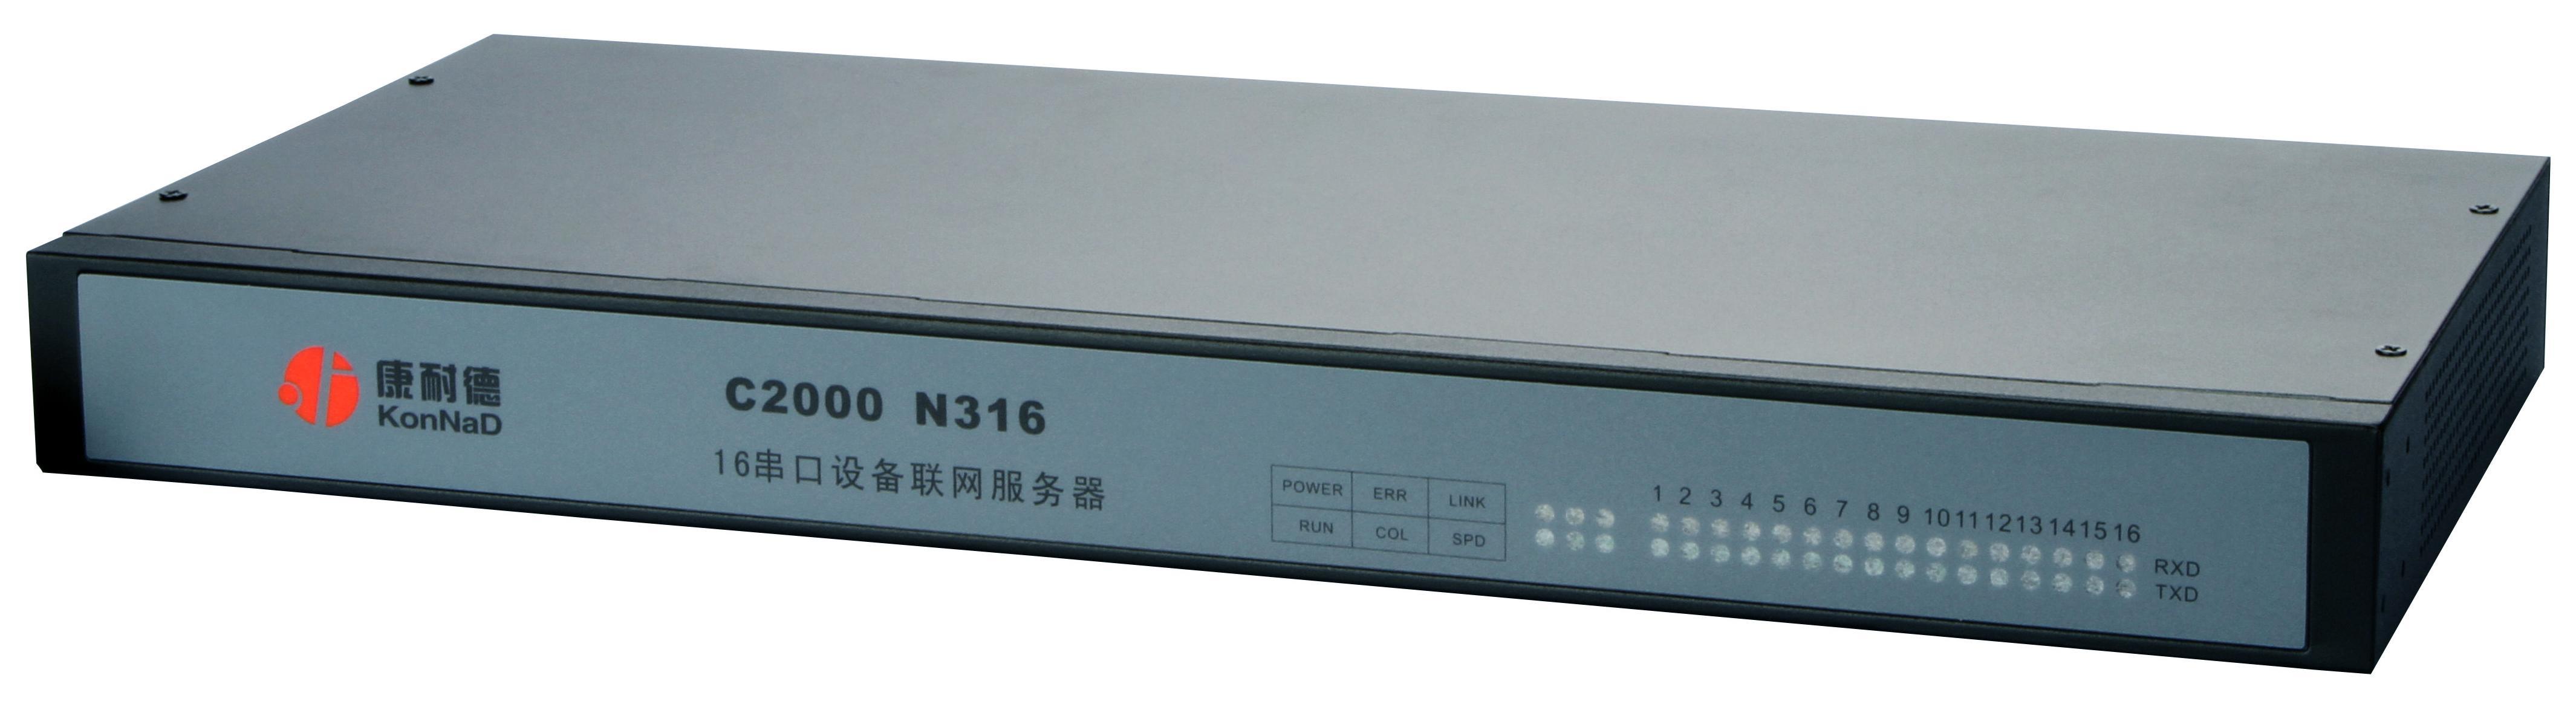 16口多串口联网模块 rj45转db9 16通道串口转以太网 网络转16串口